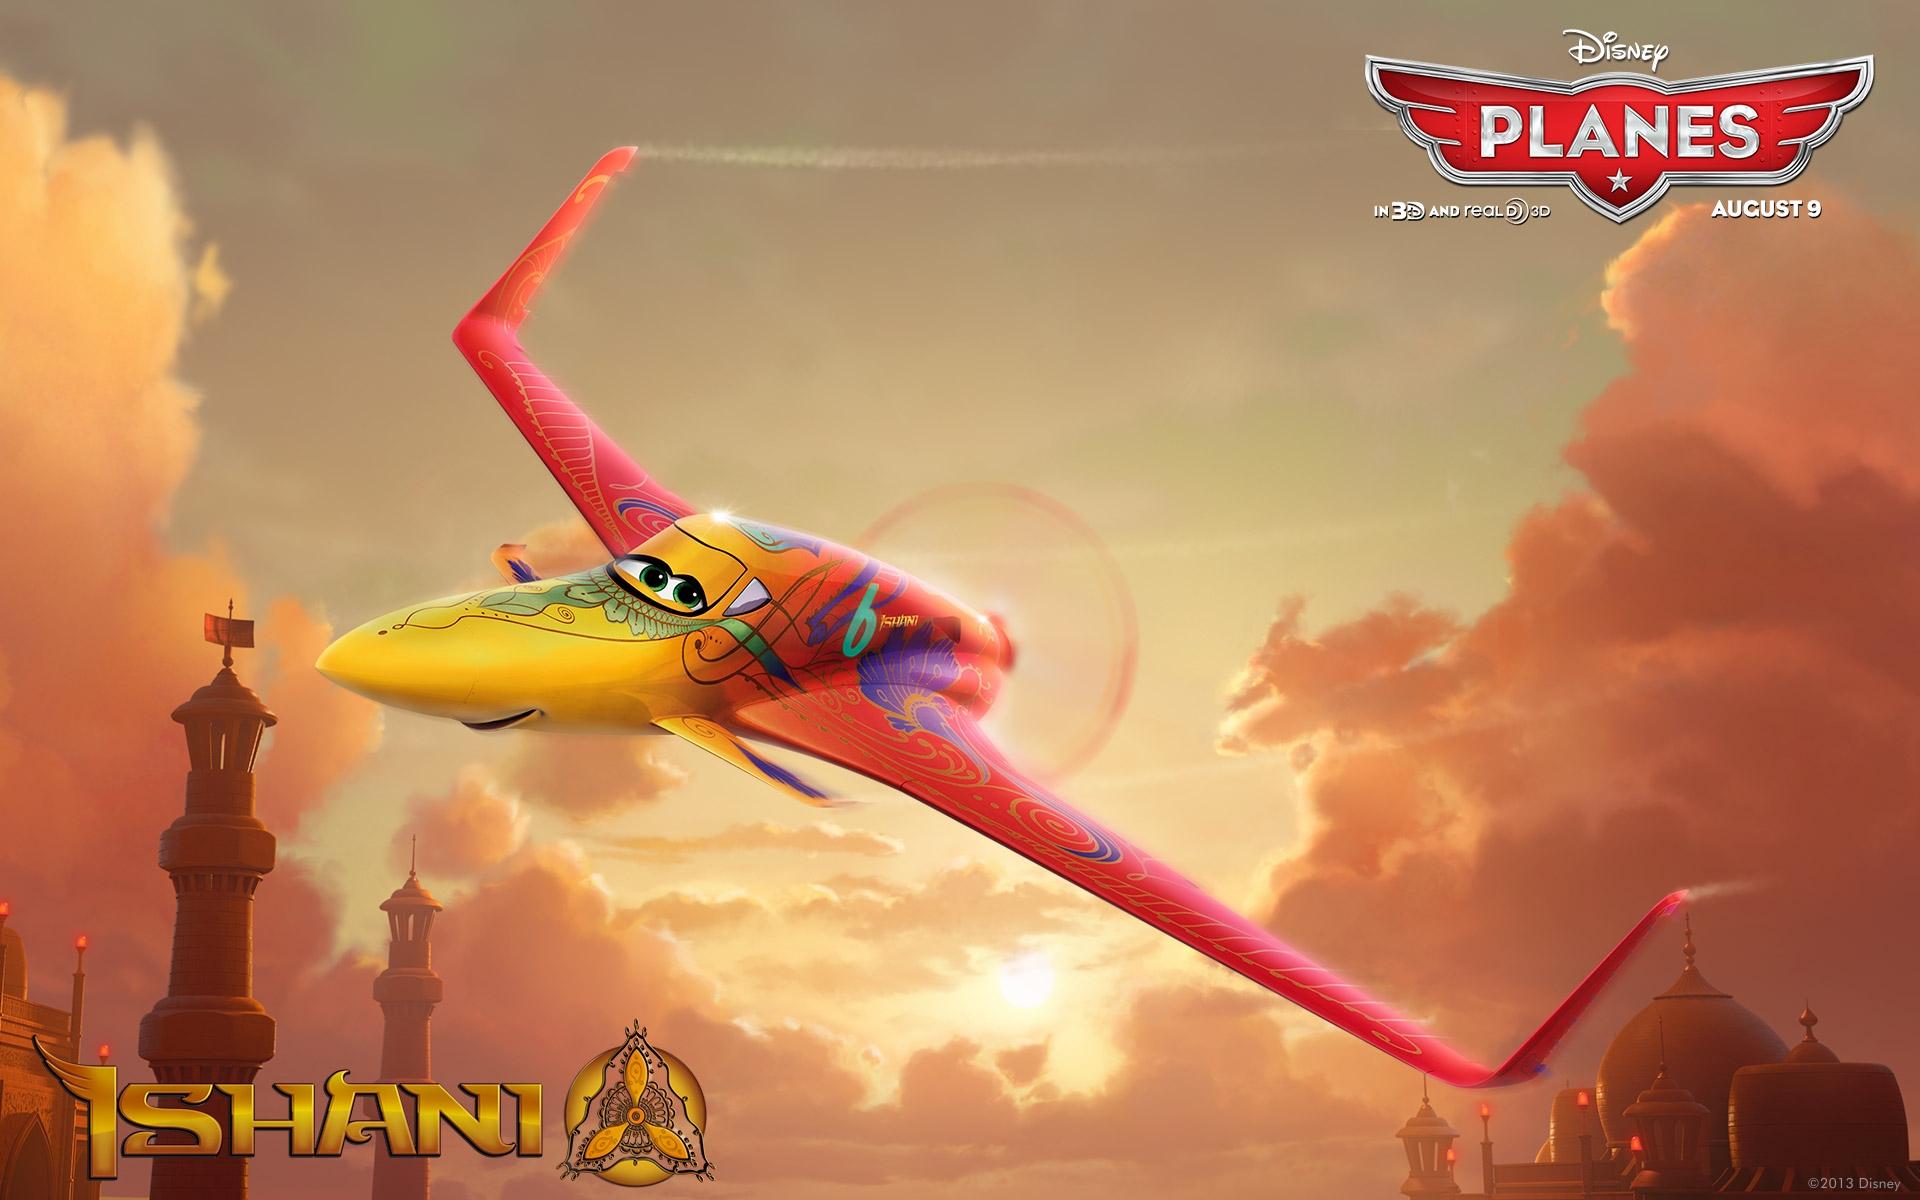 disney planes movie free wallpaper ishani